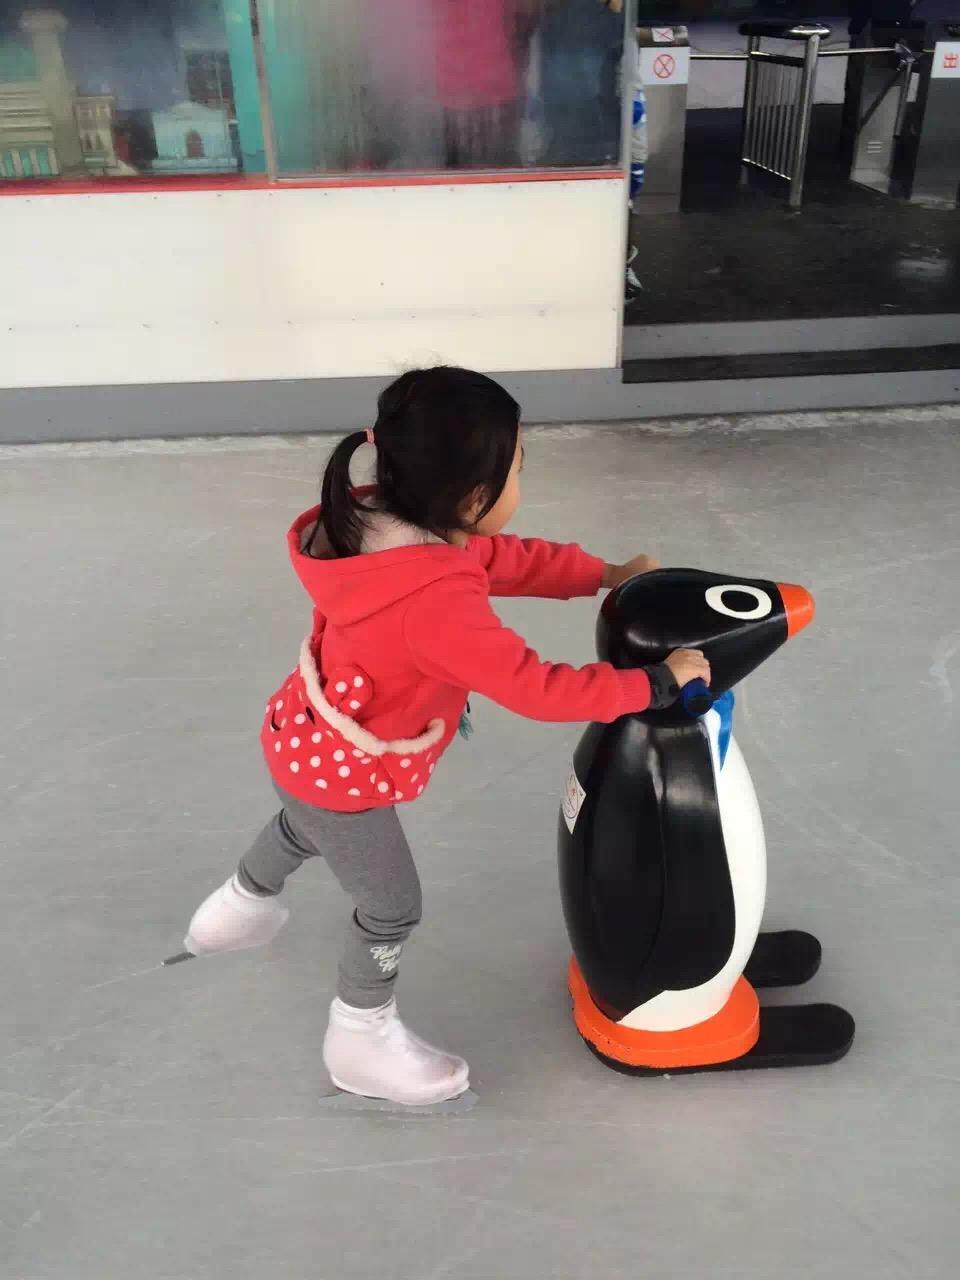 [冰场] для [助滑器 ] высокая [分子PV企鹅助滑器 ] детские [初学者] для [滑冰助滑器]